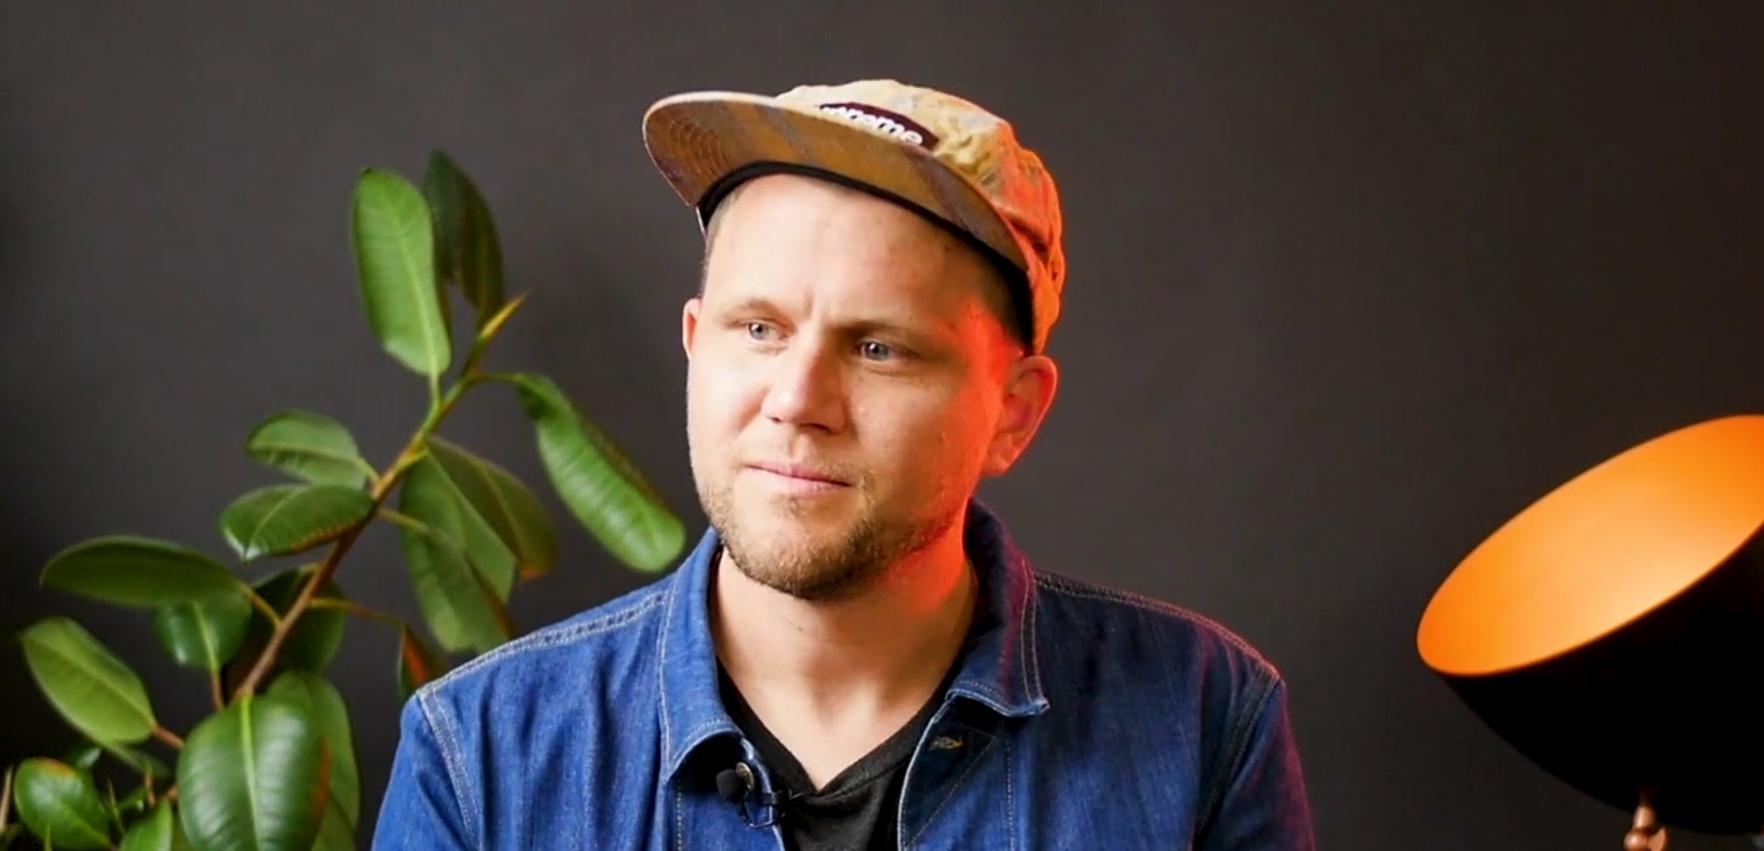 Knackeboul im Videointerview über «The Bananasplit of Evil», SVP-Politiker und mehr